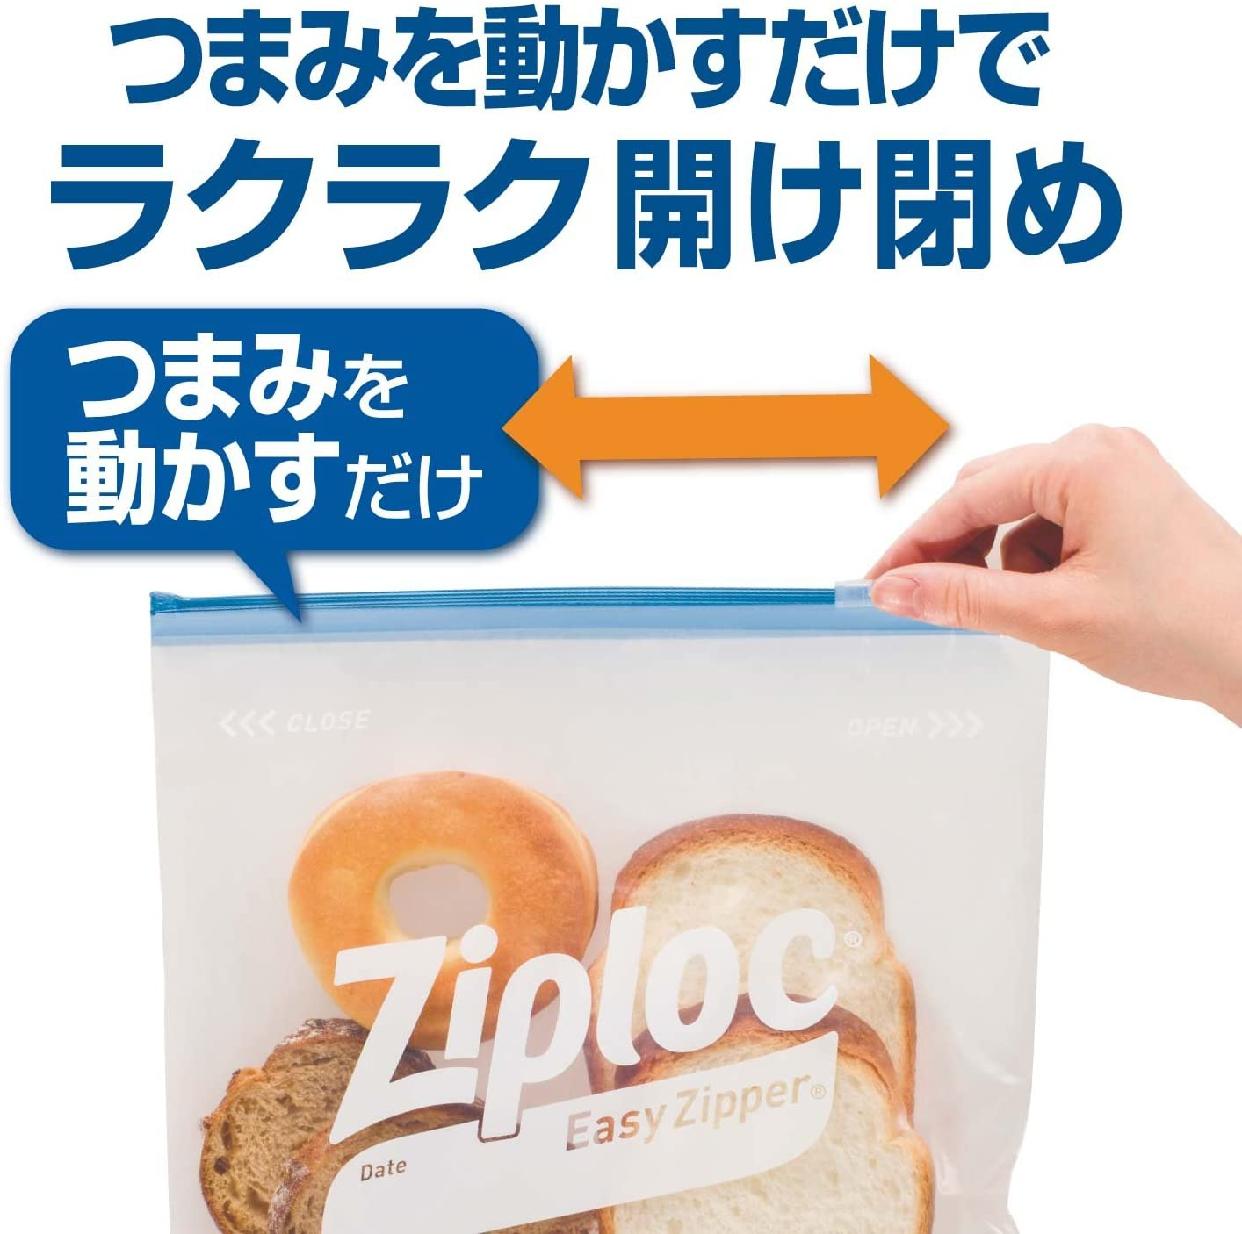 Ziploc(ジップロック) イージージッパーの商品画像2